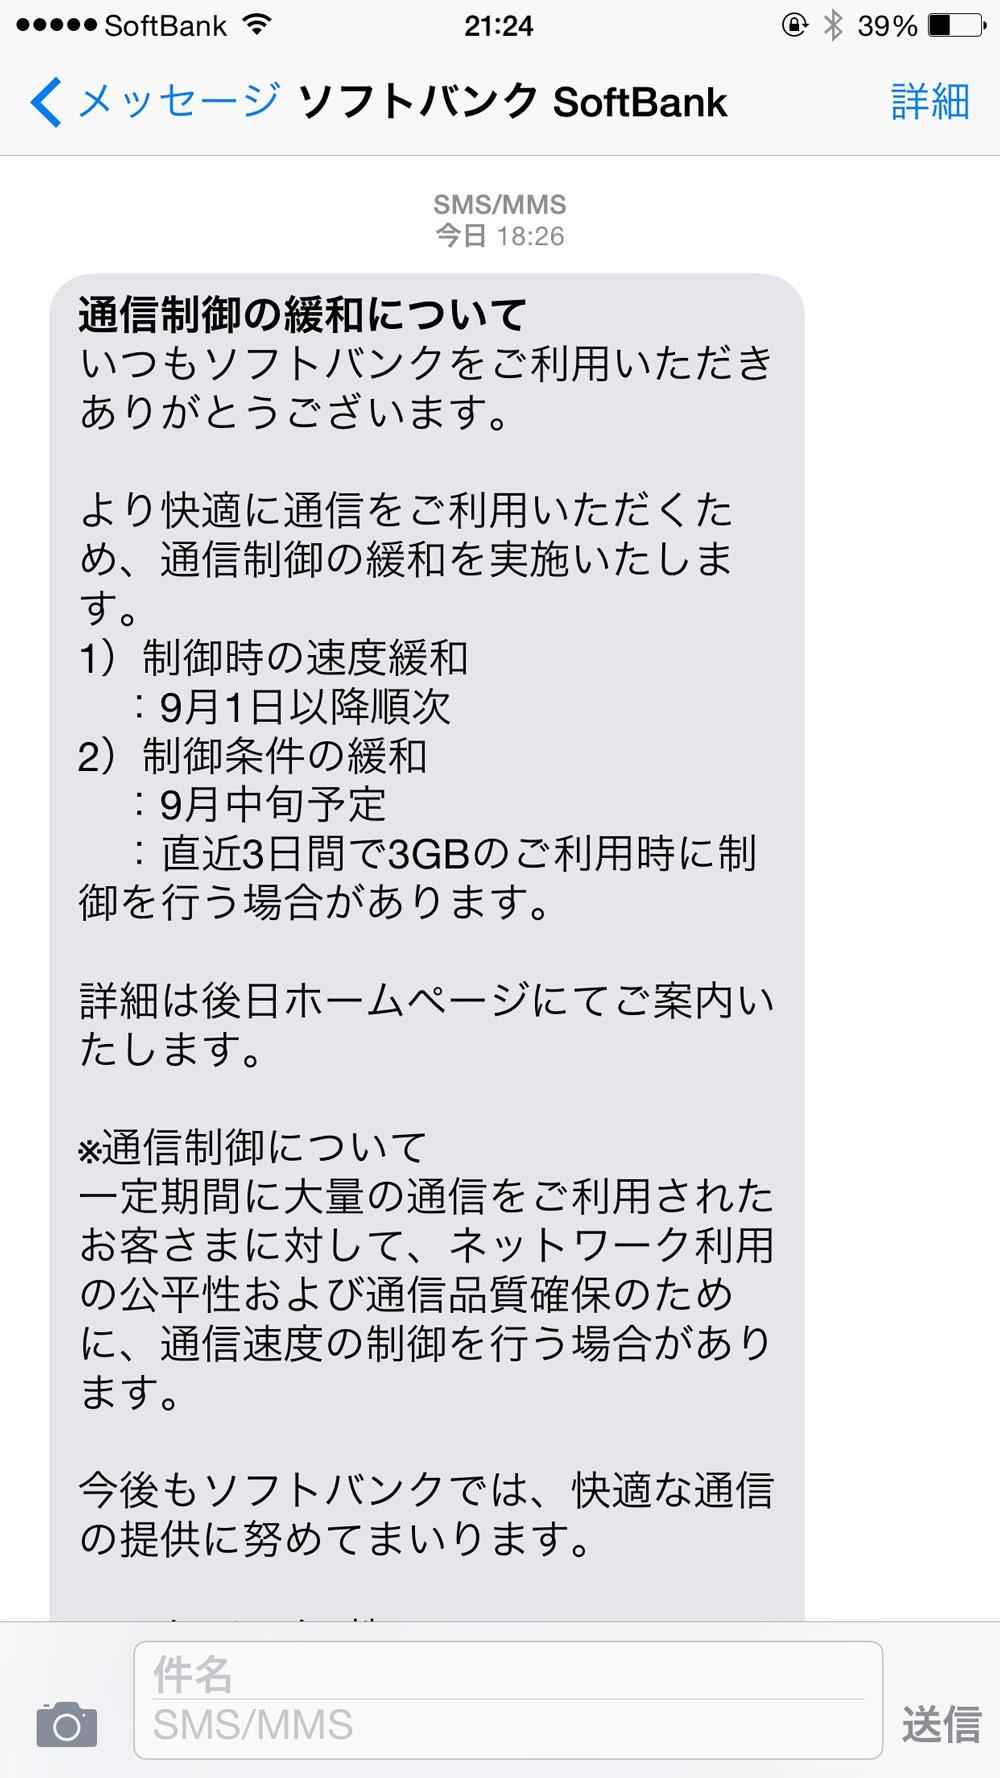 ソフトバンク 3日間3GB